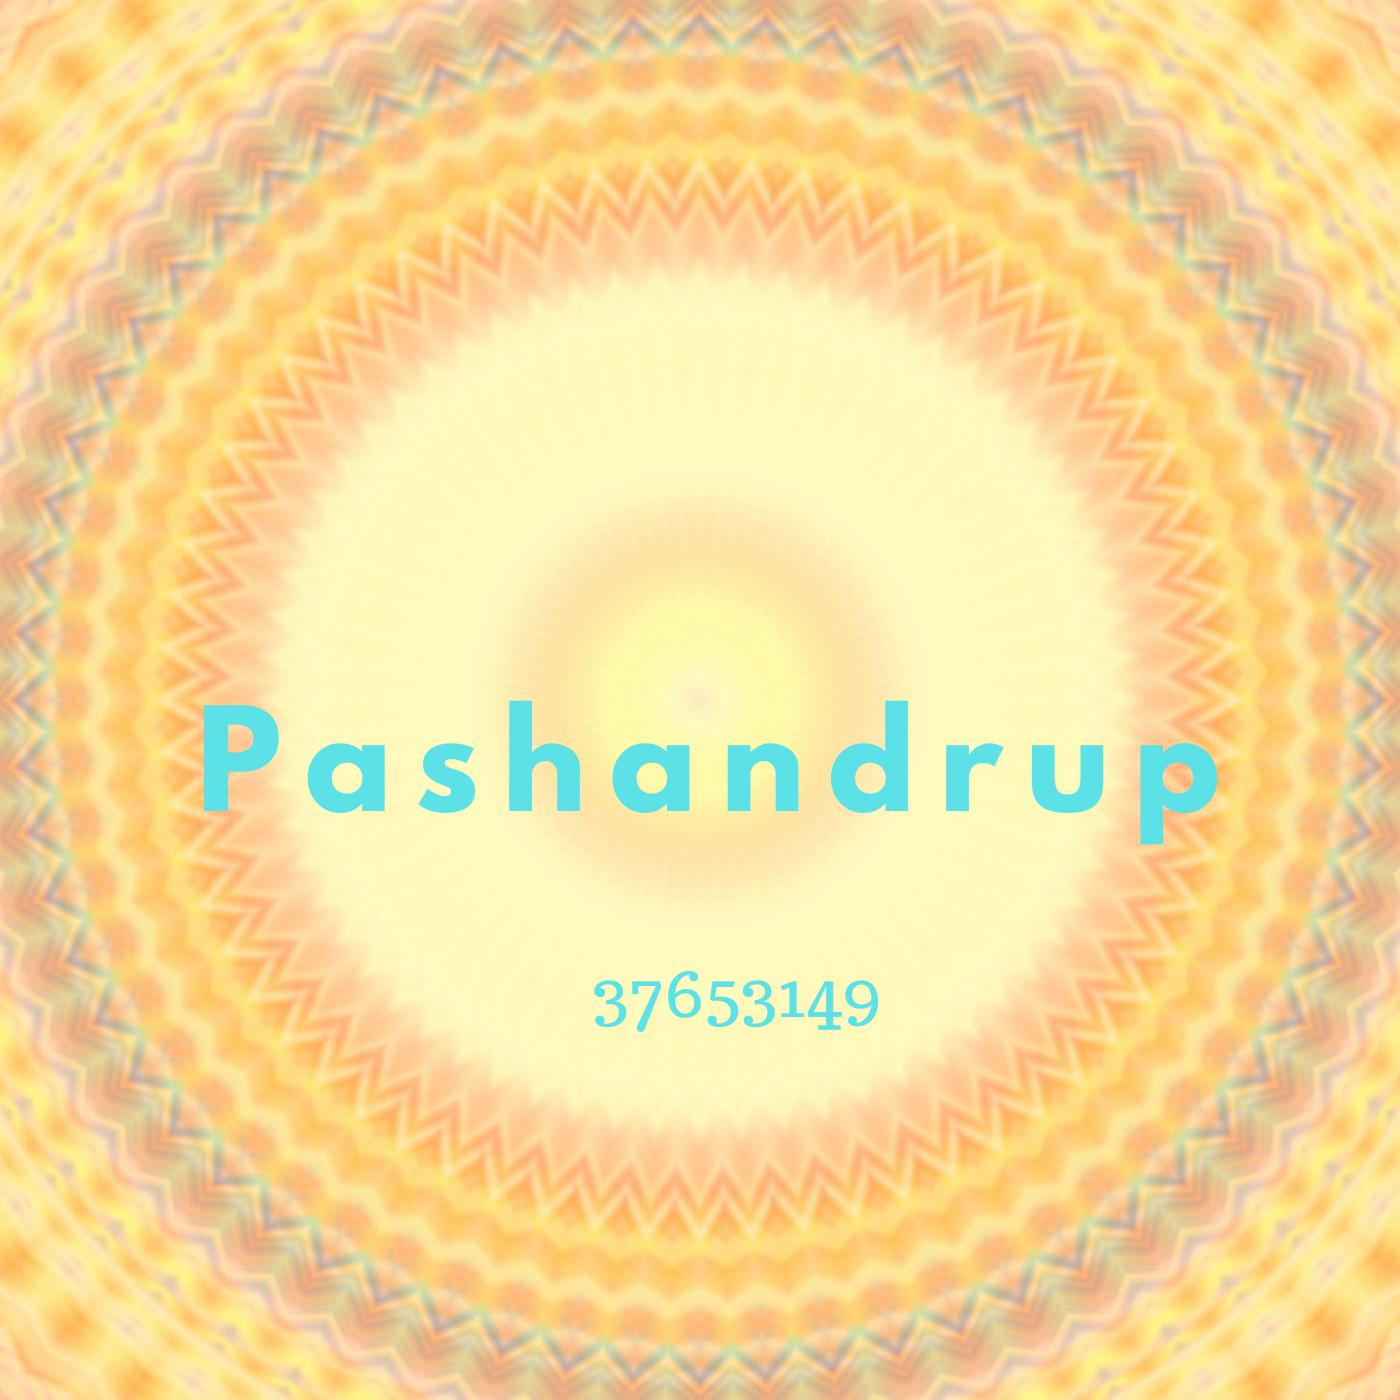 Pashandrup